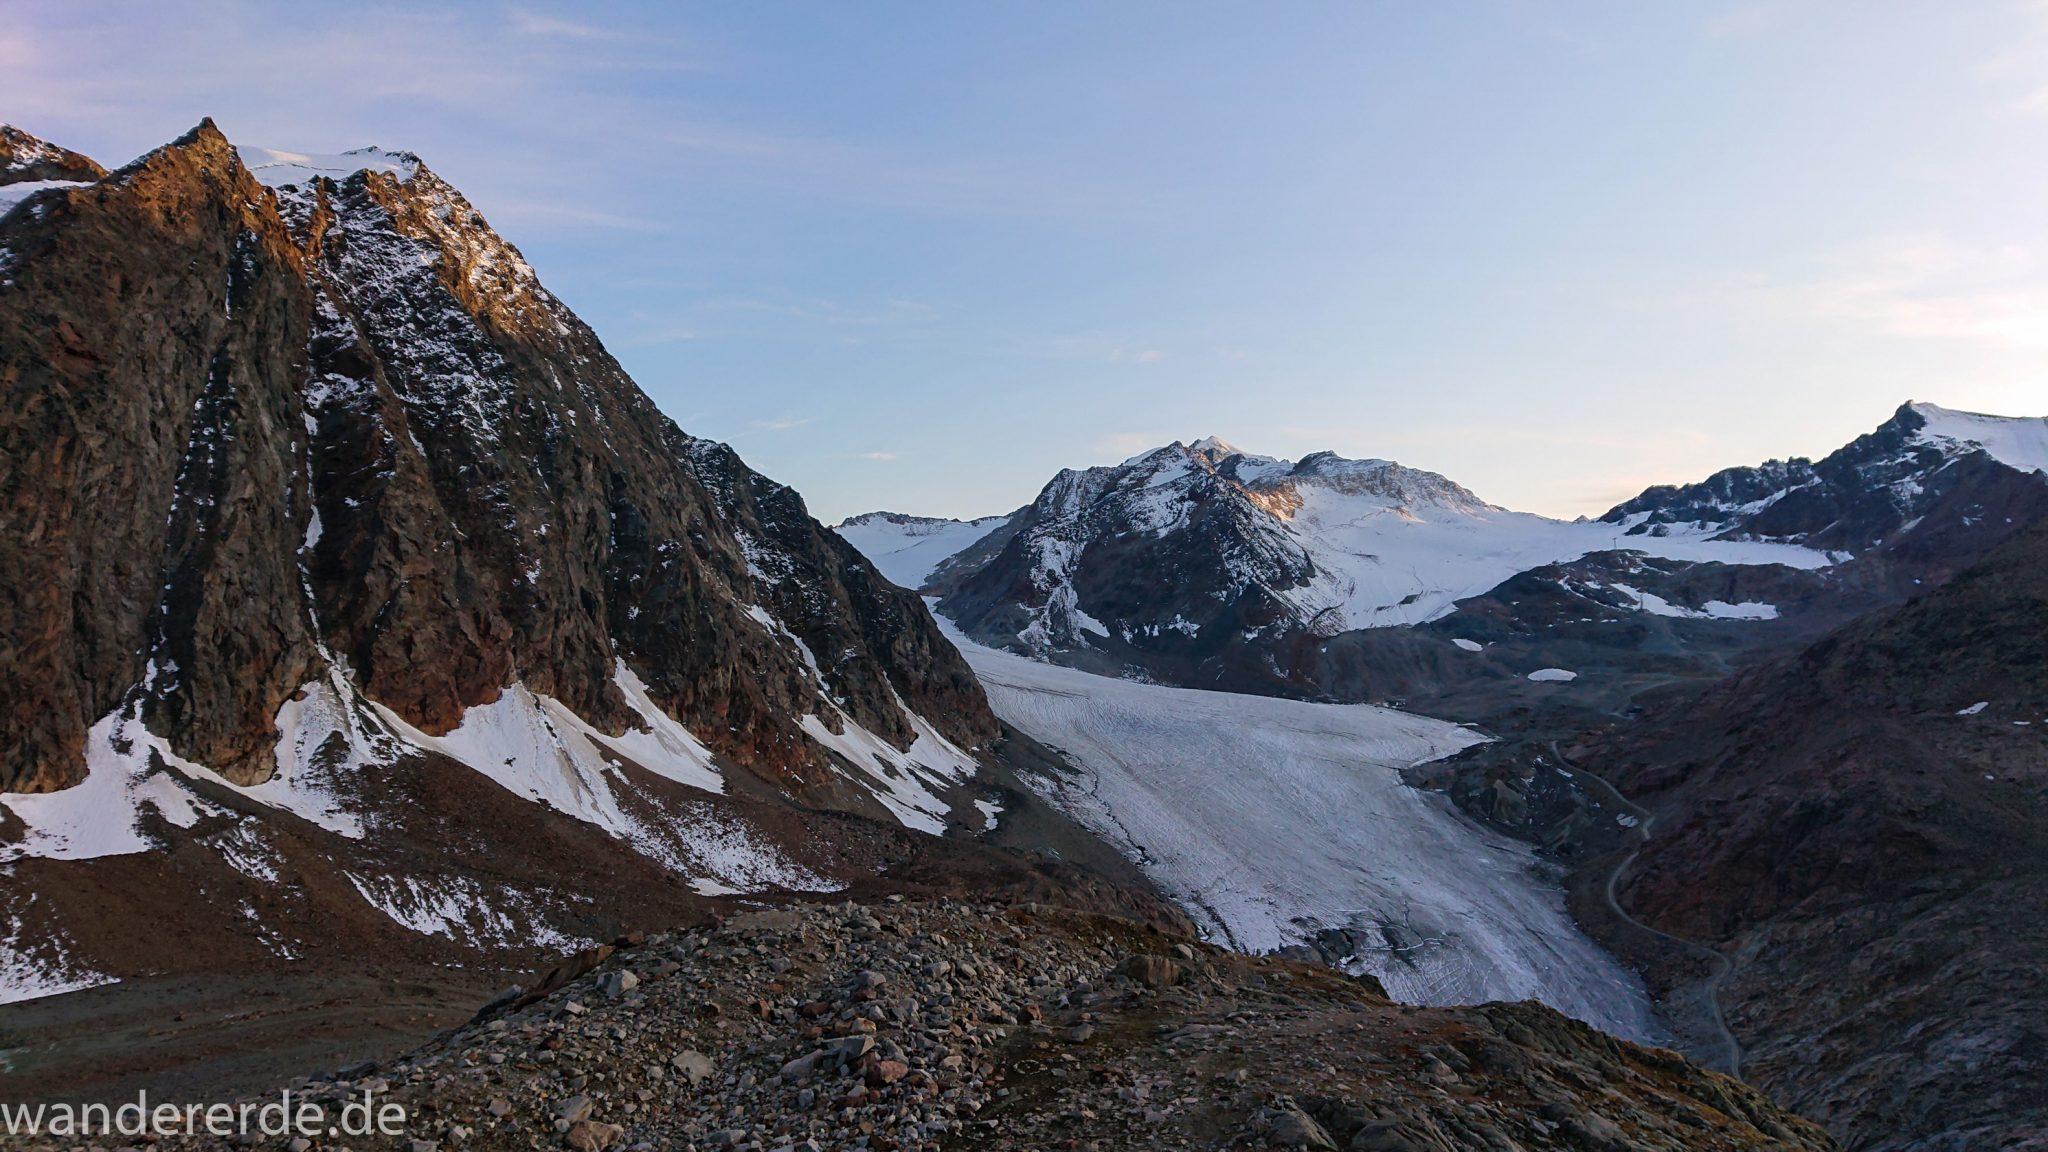 Alpenüberquerung Fernwanderweg E5 Oberstdorf Meran, 4. Etappe von Skihütte Zams zur Braunschweiger Hütte, Blick vom schönen und schmalen Wanderweg beim Aufstieg zur Braunschweiger Hütte über Wasserfall Weg, Wanderweg wird zunehmend steiler über viel Geröll und große Steine und Felsen sind zu überwinden,  Aussicht auf die schönen Berge der Alpen und Gletscher, beeindruckende Berge der Alpen türmen sich vor einem auf